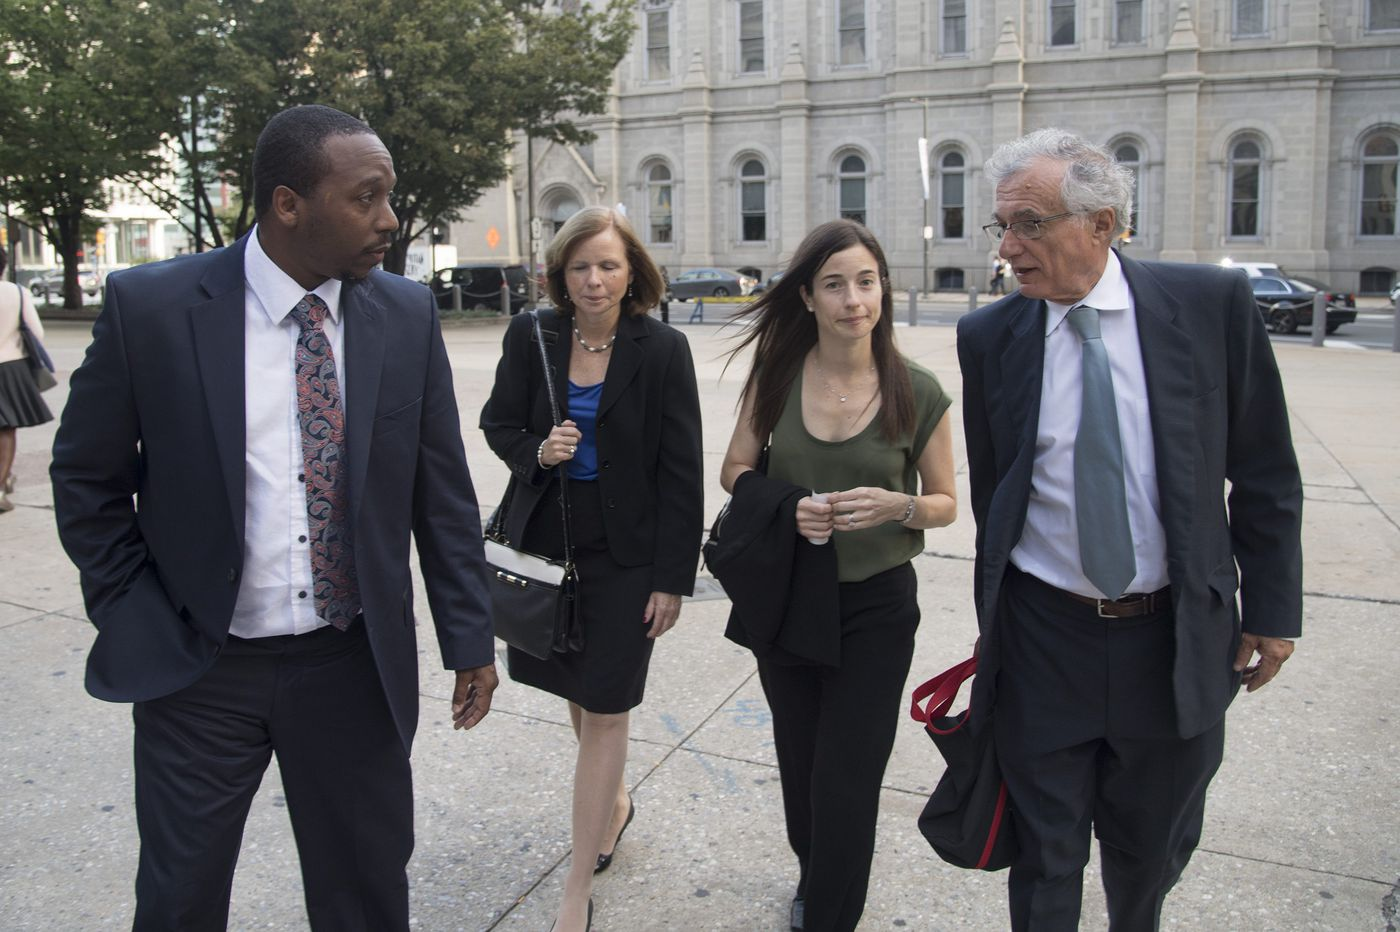 Landmark Pa. school-funding lawsuit appears headed to trial